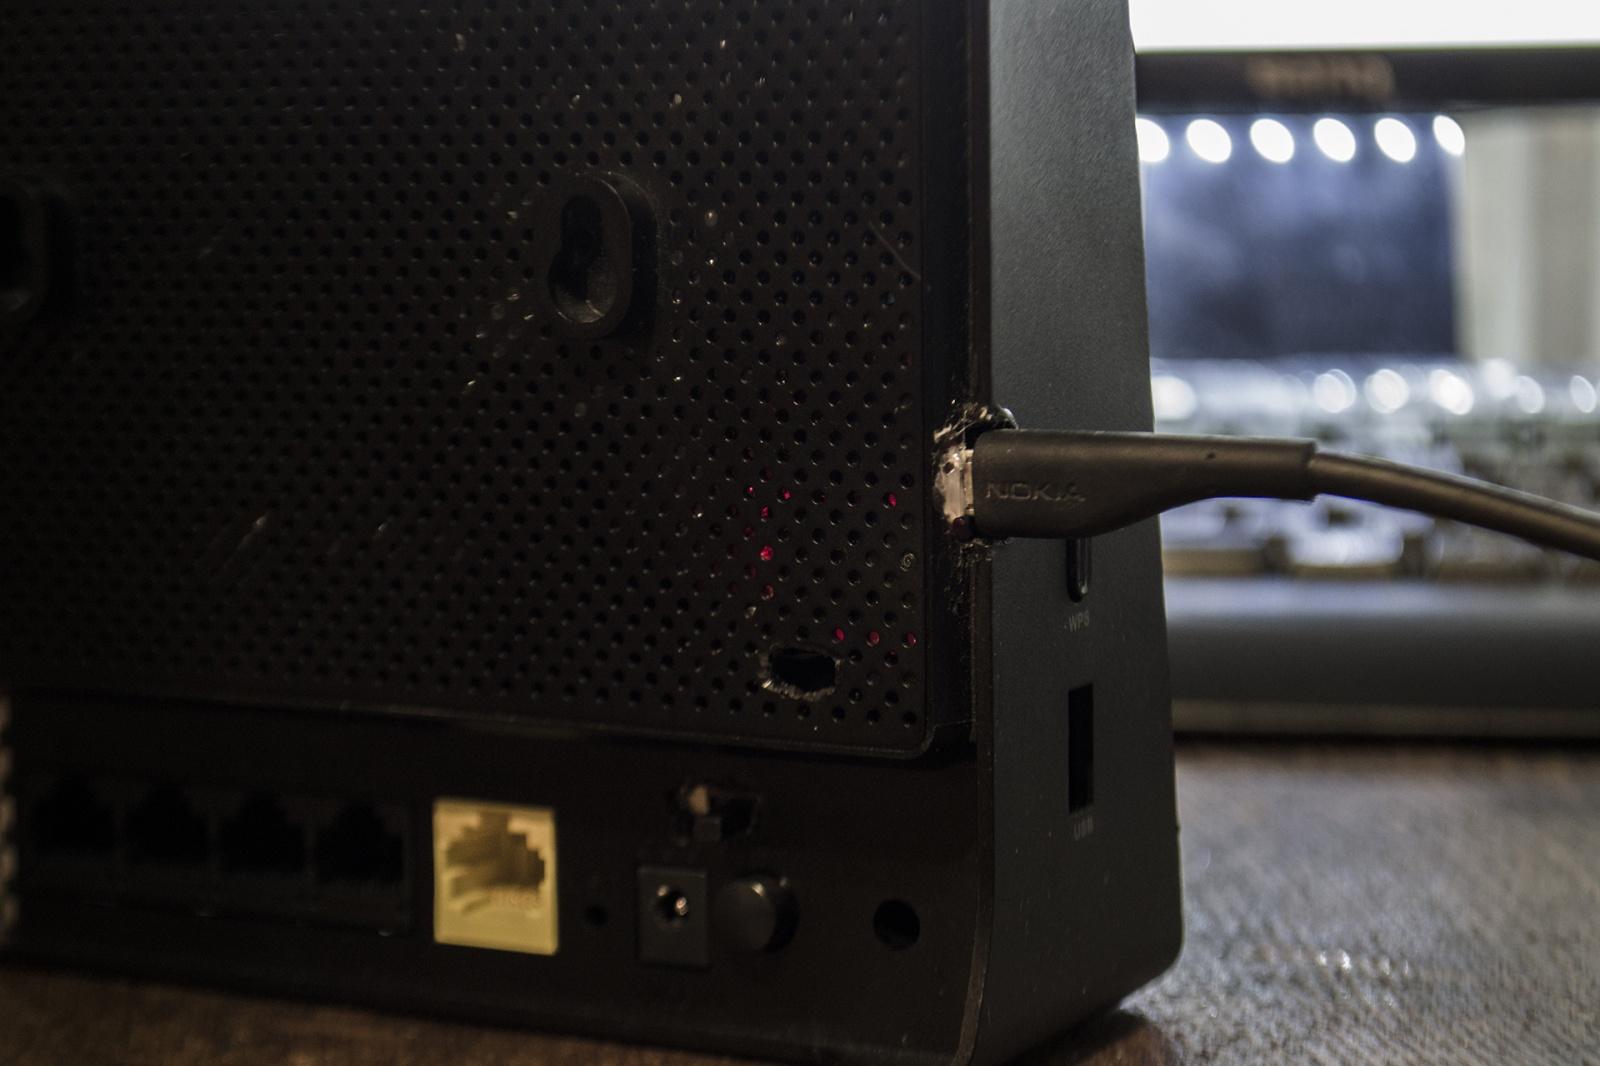 Делаем портативным роутер Dlink DIR320 - 5